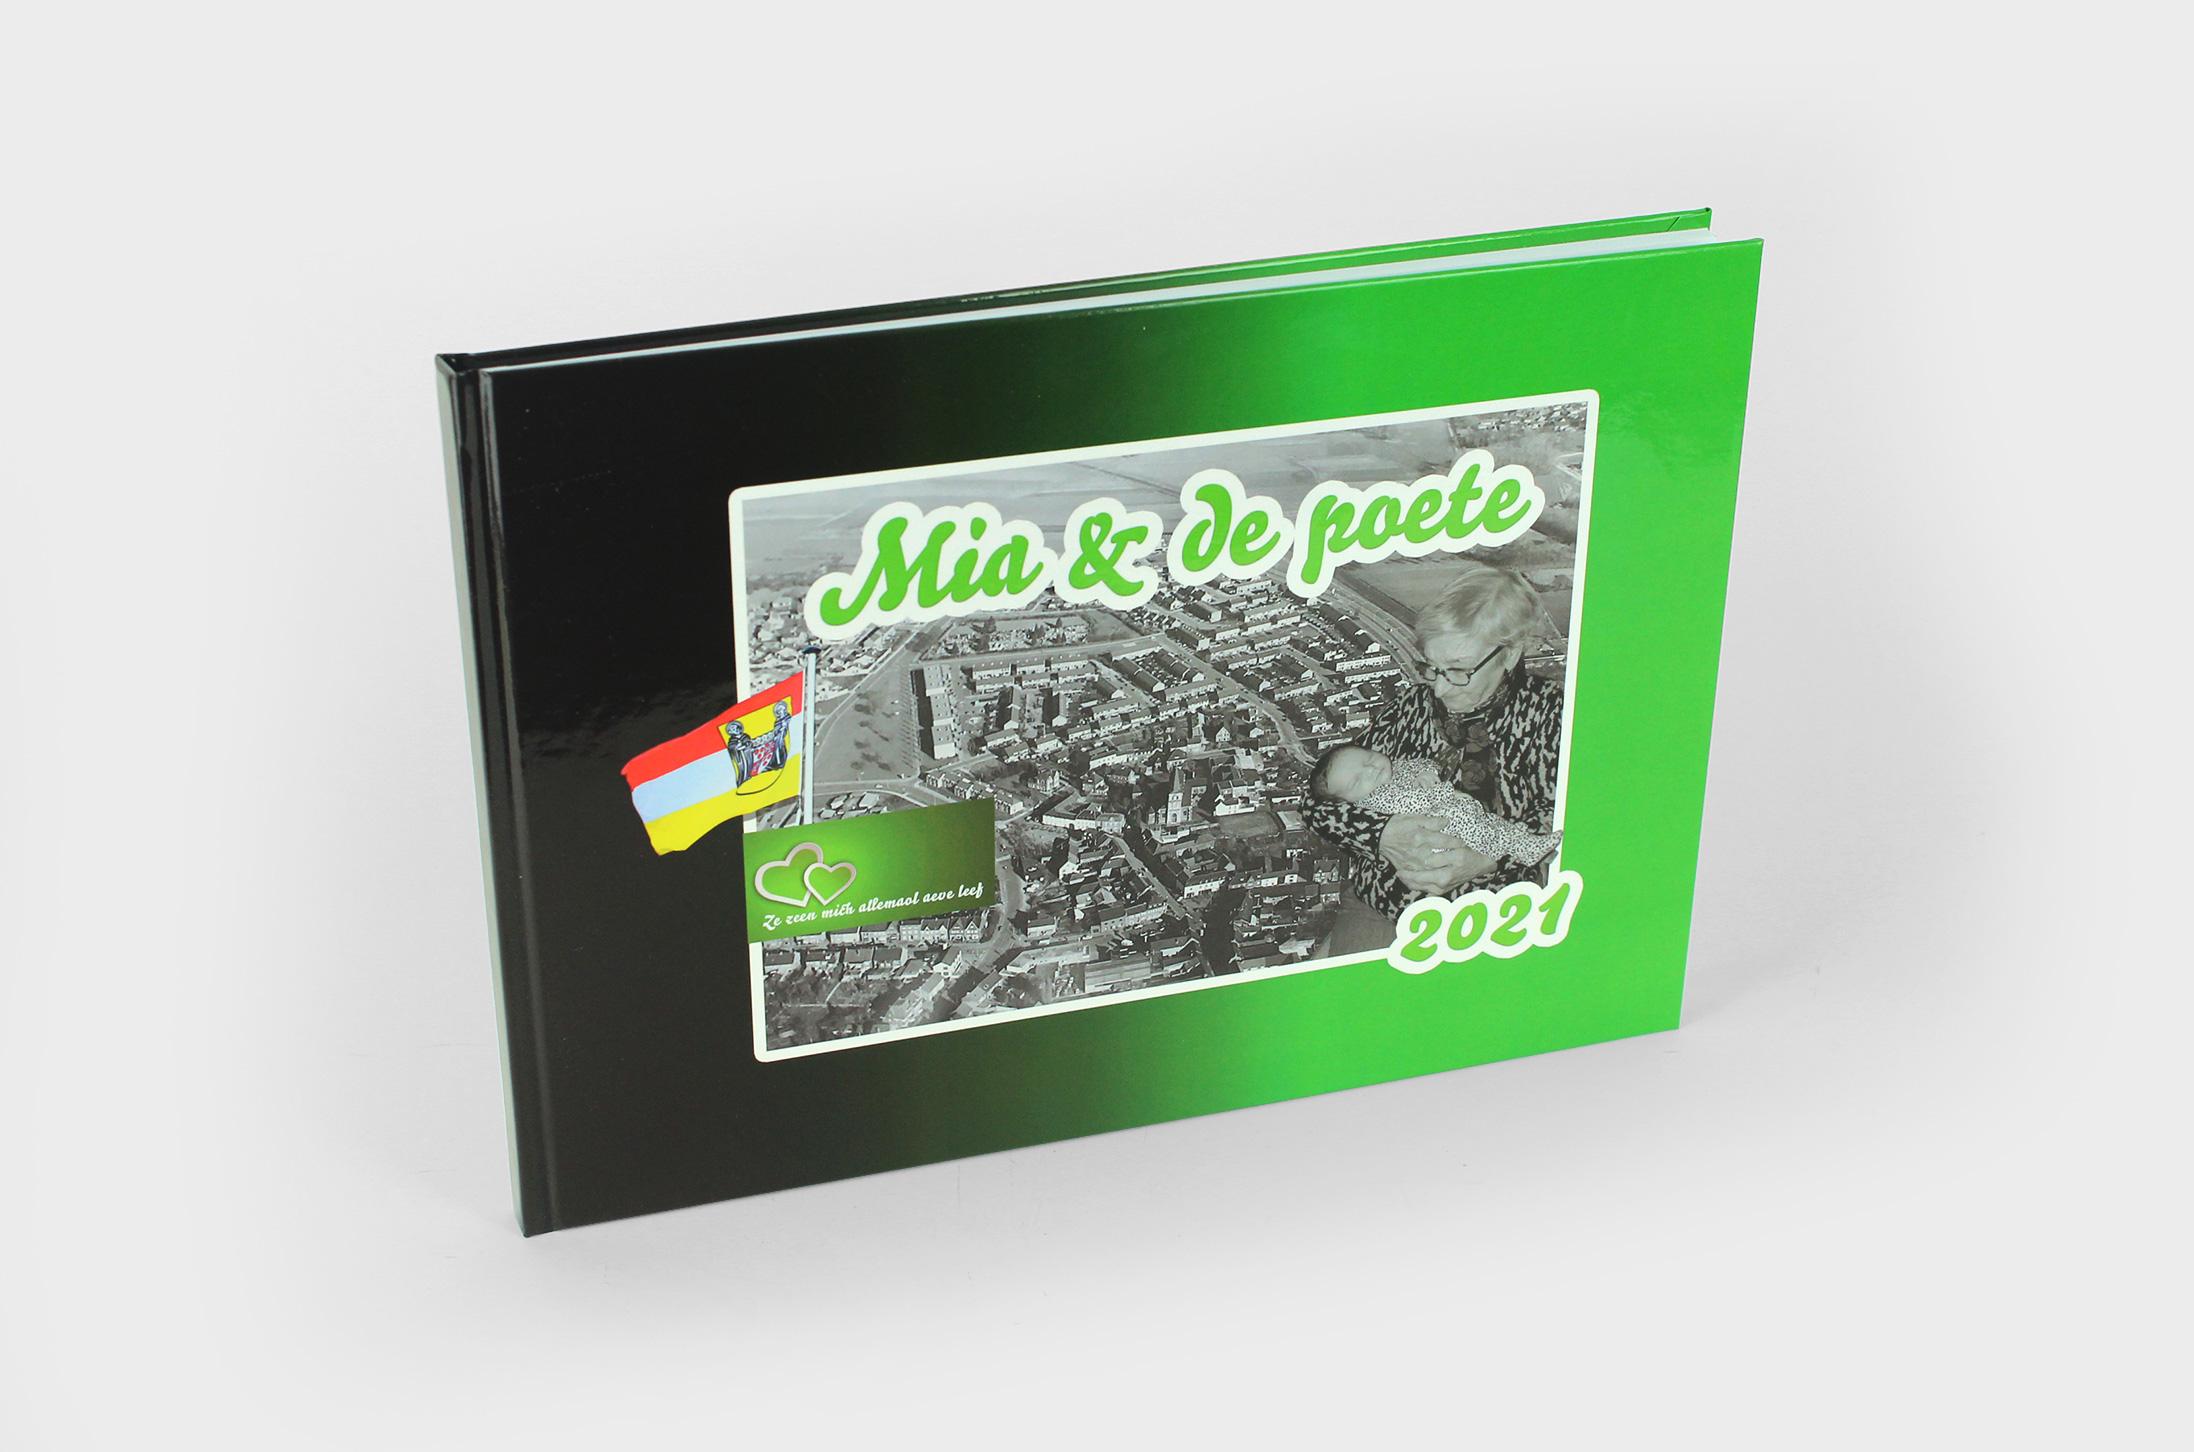 Mia & de poete